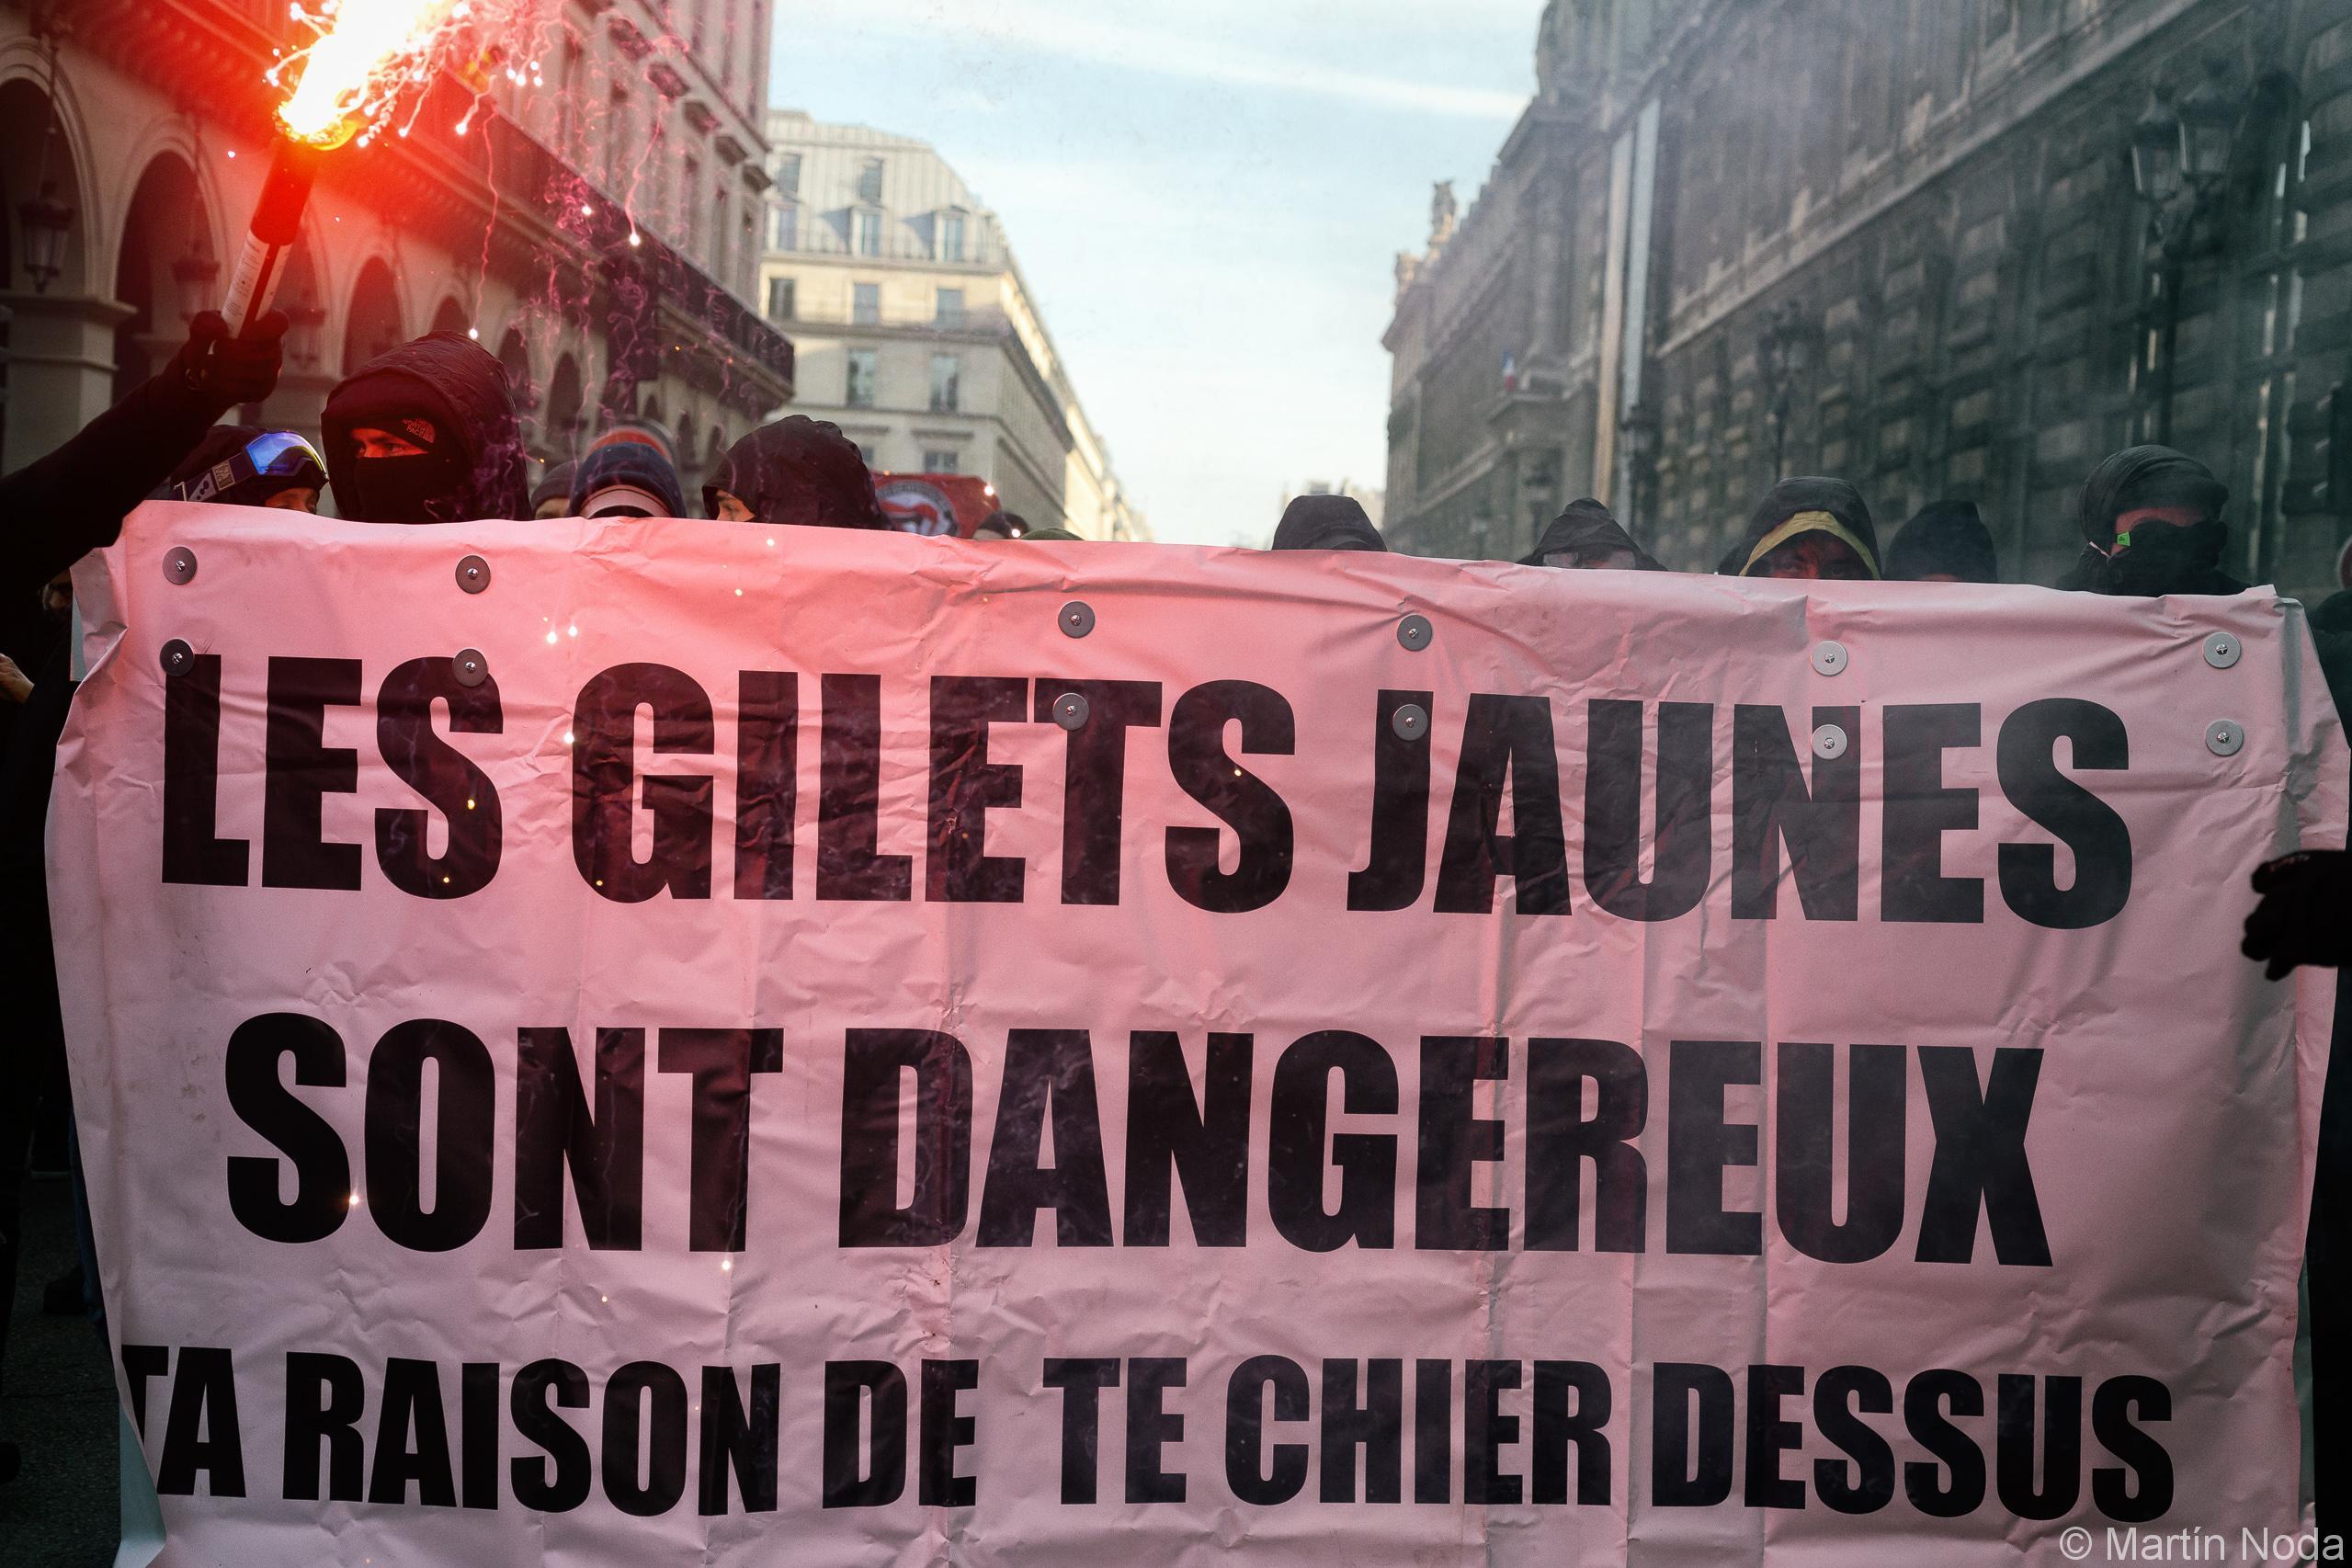 Journée de grève et manifestation appelée par la CGT et Solidaires, rejoint par des Gilets Jaunes - 05/02/2019 - Paris